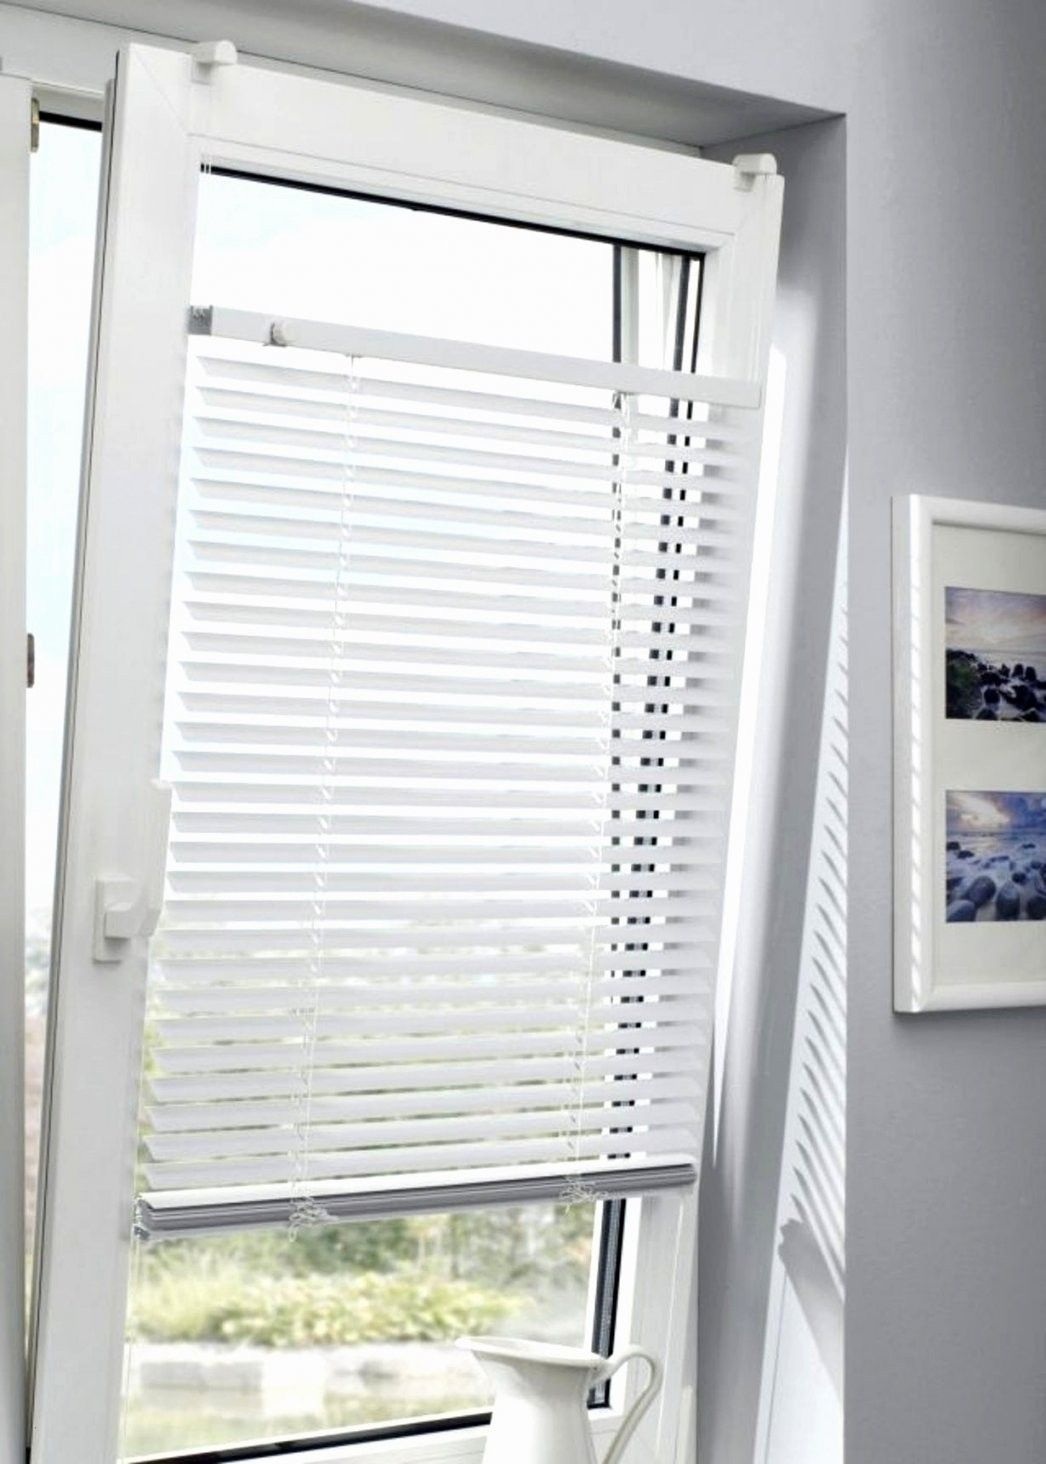 Elegant Fenster Jalousien Innen Ohne Bohren In 2020 Jalousien Innen Fenster Jalousien Fenster Jalousie Innen